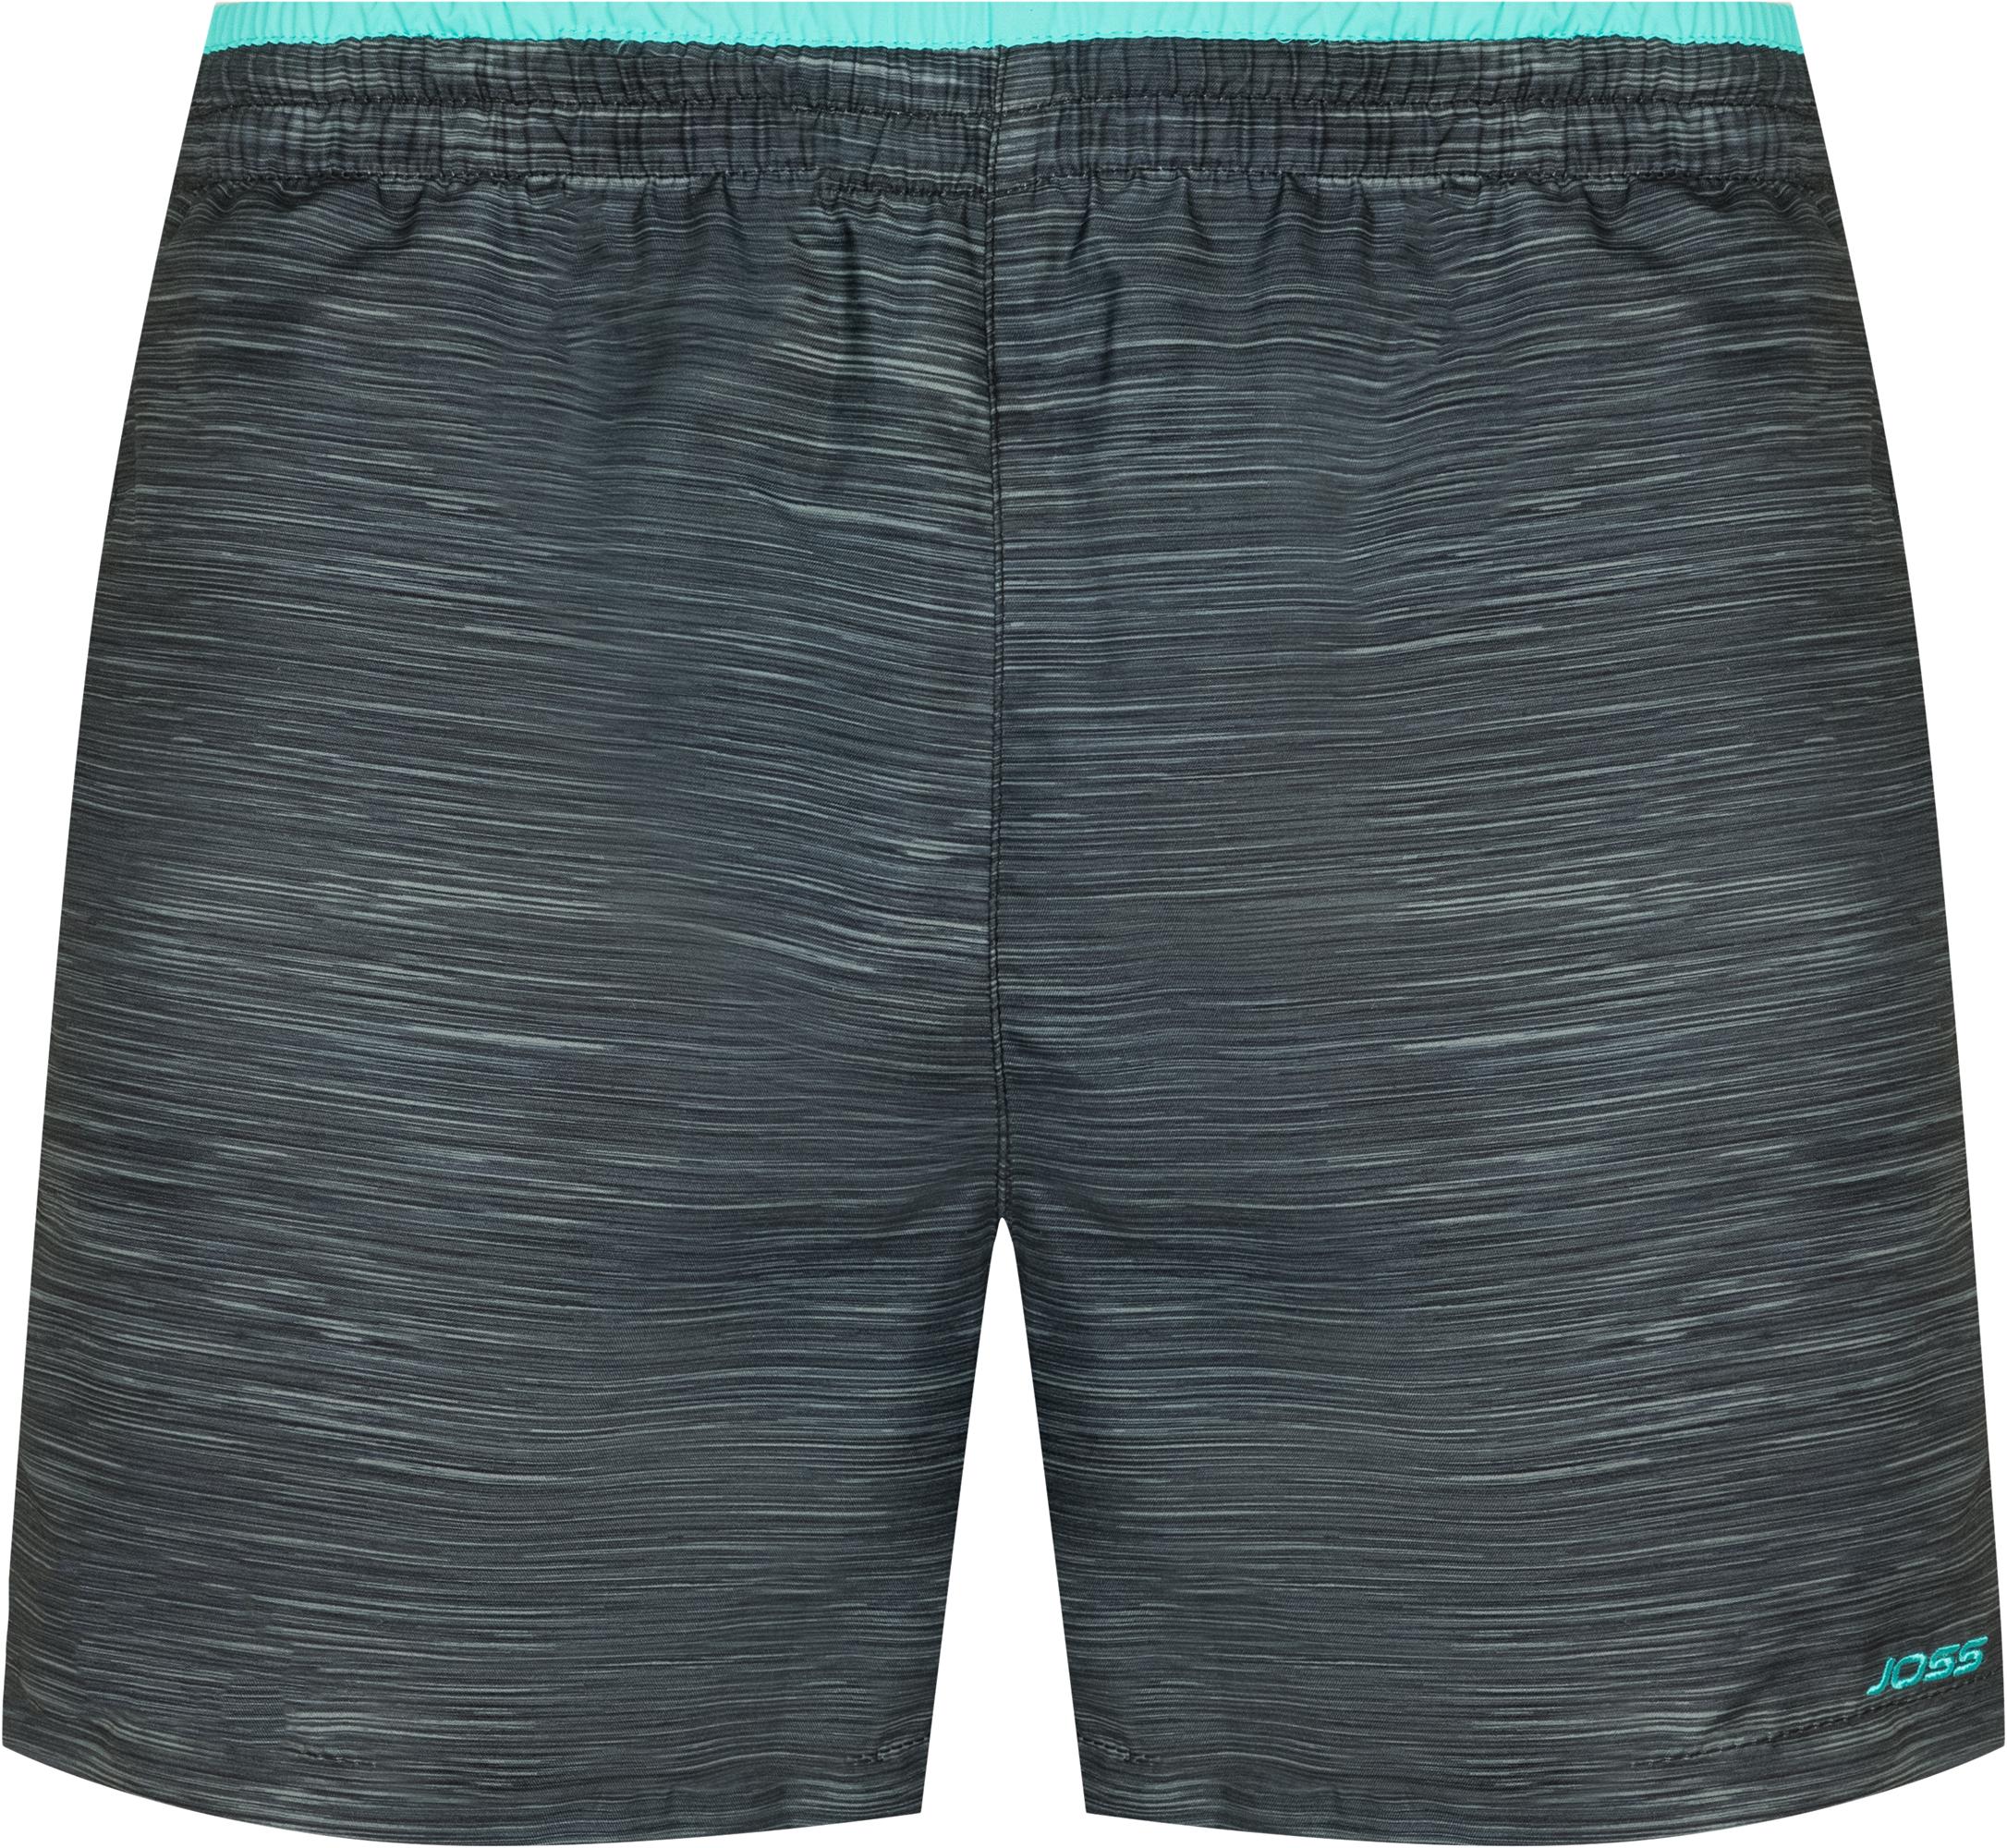 Joss Шорты плавательные мужские Joss, размер 46 joss танкини женское joss размер 46